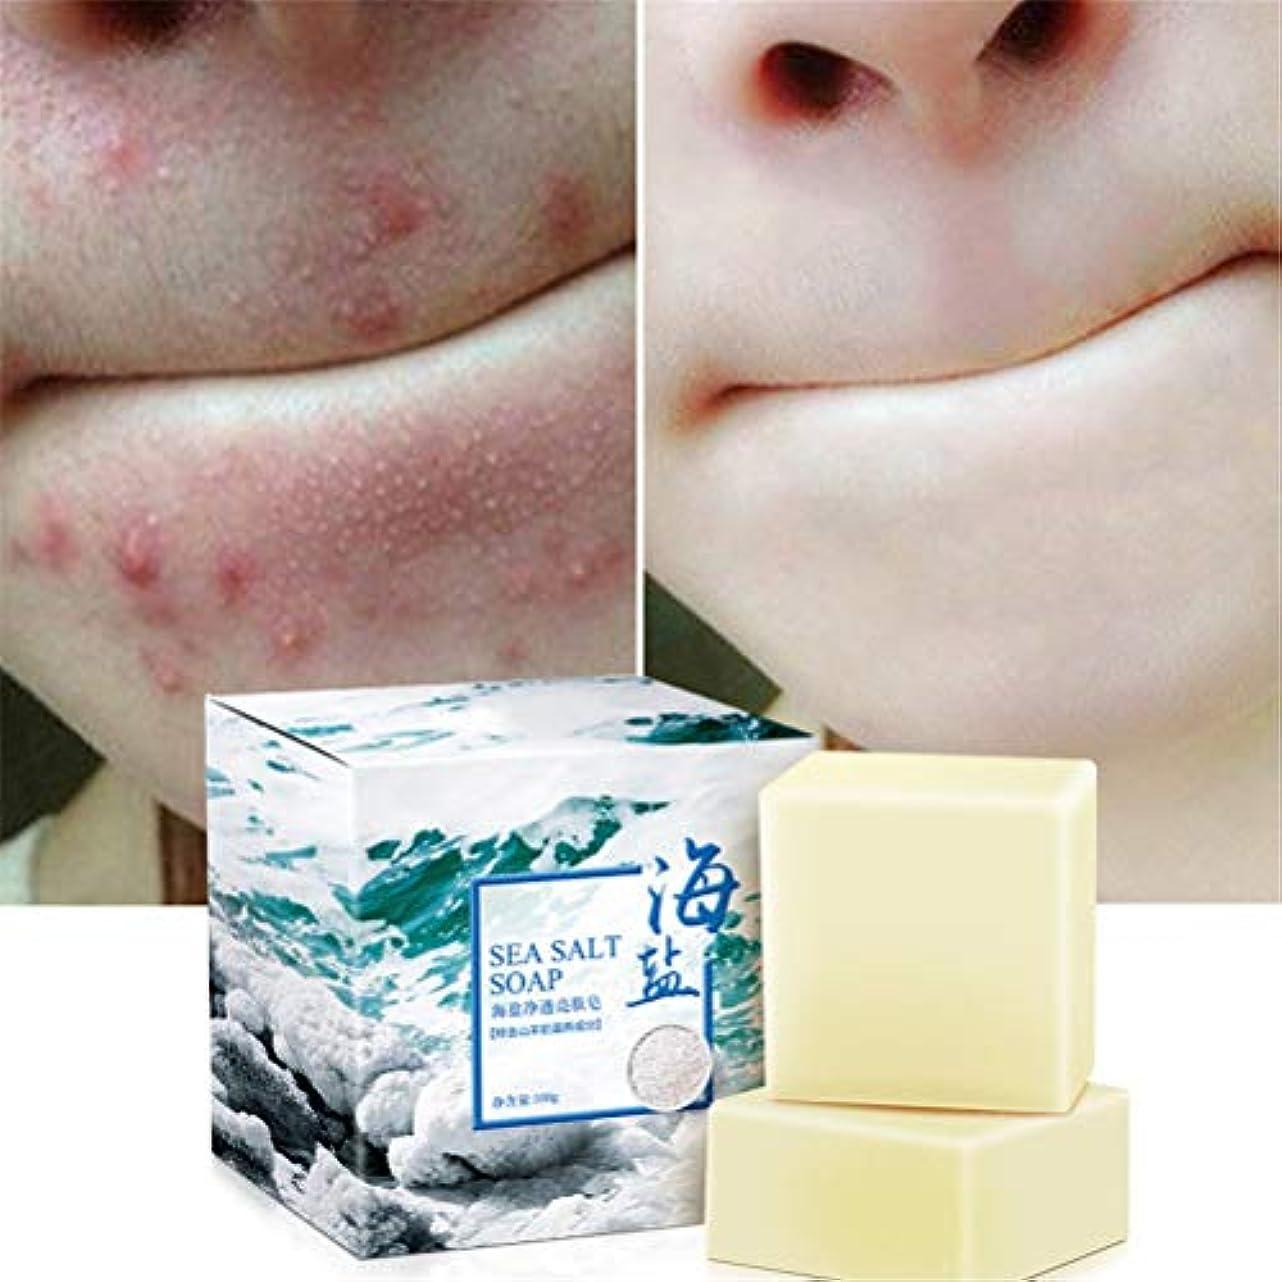 曇った低下インセンティブCreacom 洗顔 石鹸 天然海塩 肌に優しい無添加 毛穴 対策 保湿 固形 毛穴 黒ずみ 肌荒れ くすみ ニキビ 美白 美肌 角質除去 肌荒れ 乾燥肌 オイル肌 混合肌 対策 全身可能 100g